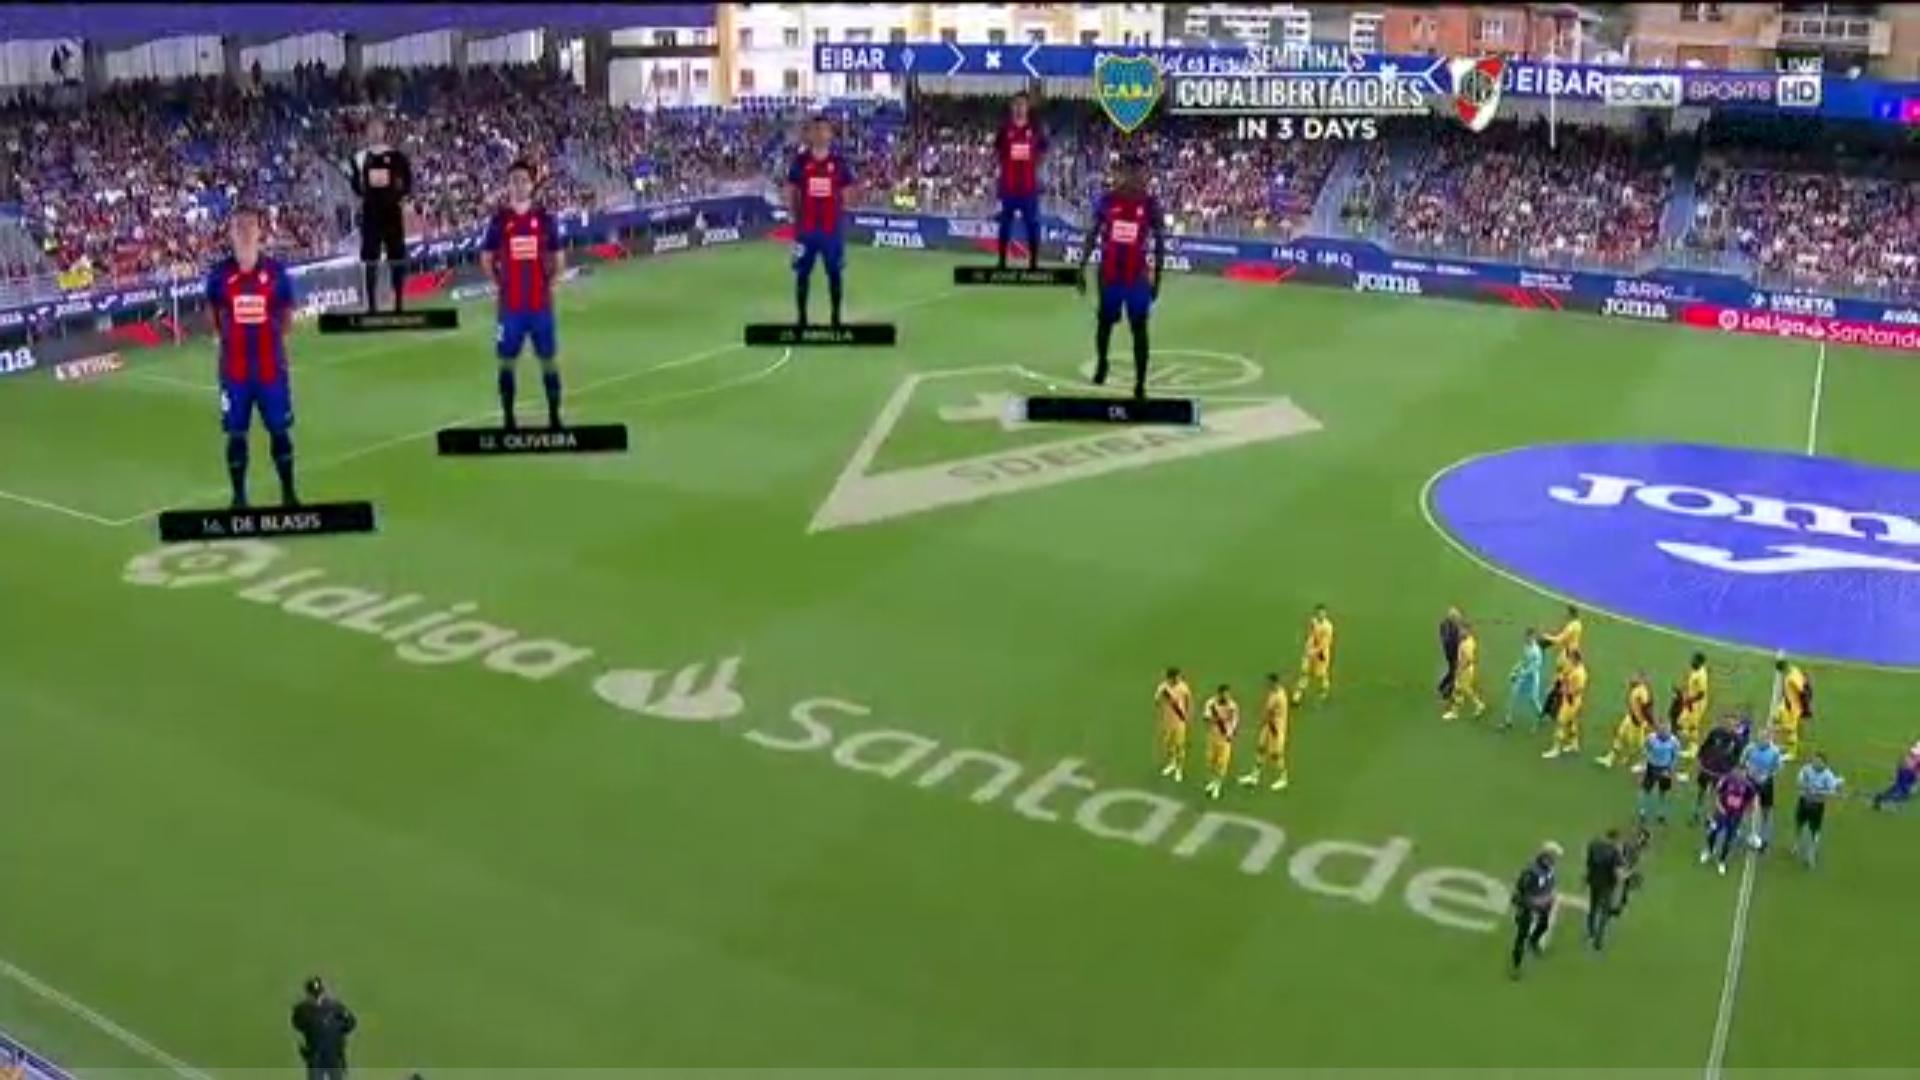 19-10-2019 - Eibar 0-3 Barcelona